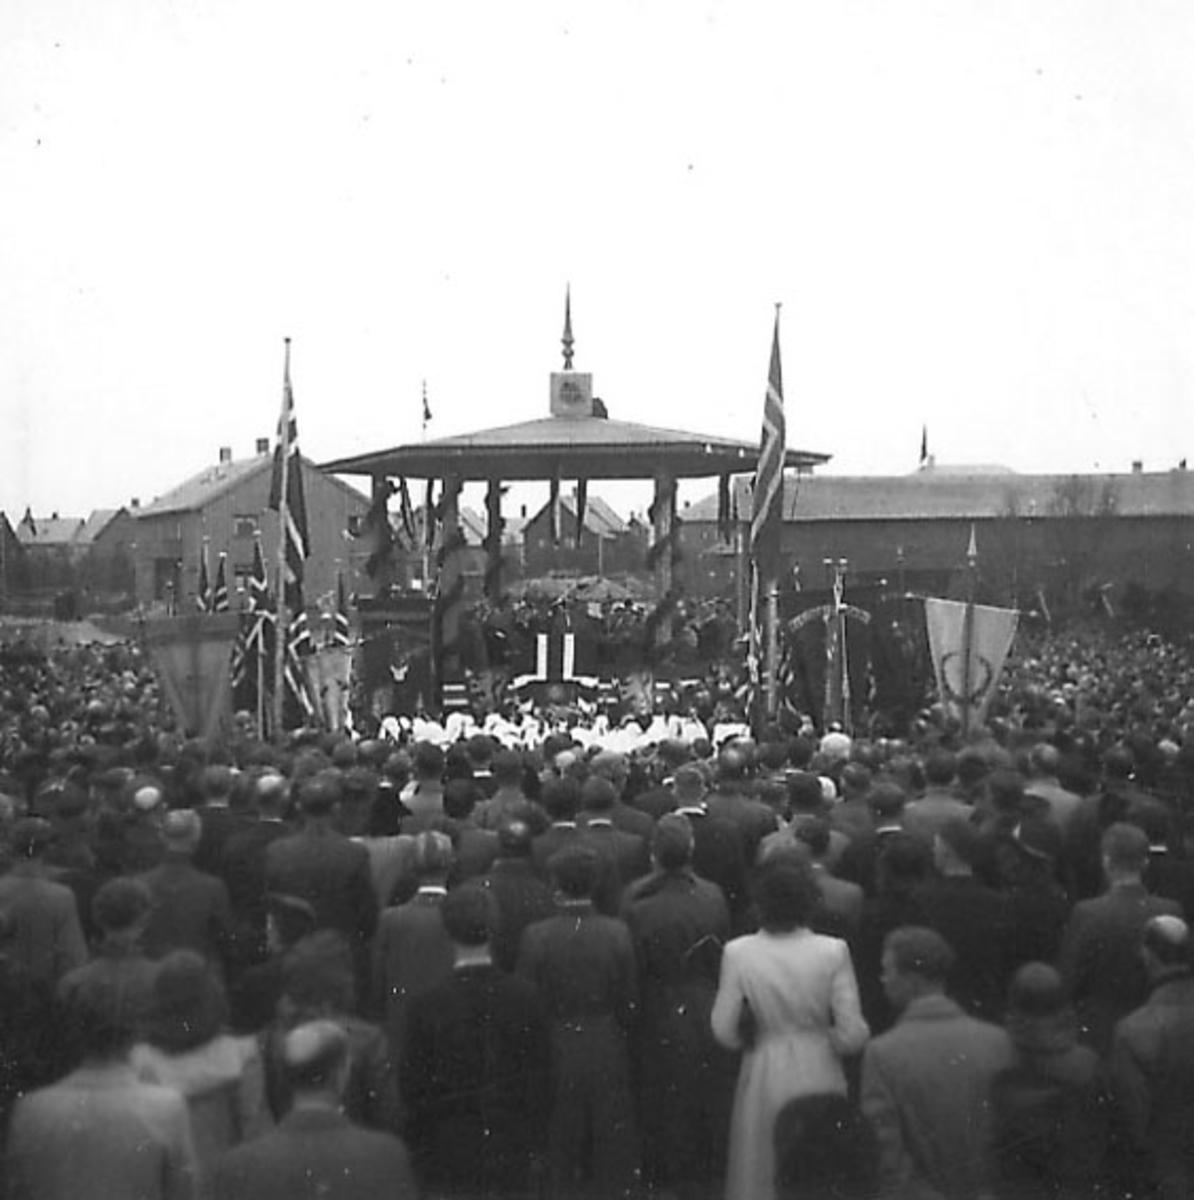 Frigjøringsdagene i Bodø etter krigen  1945. Mange personer rundt paviljong på torvet.